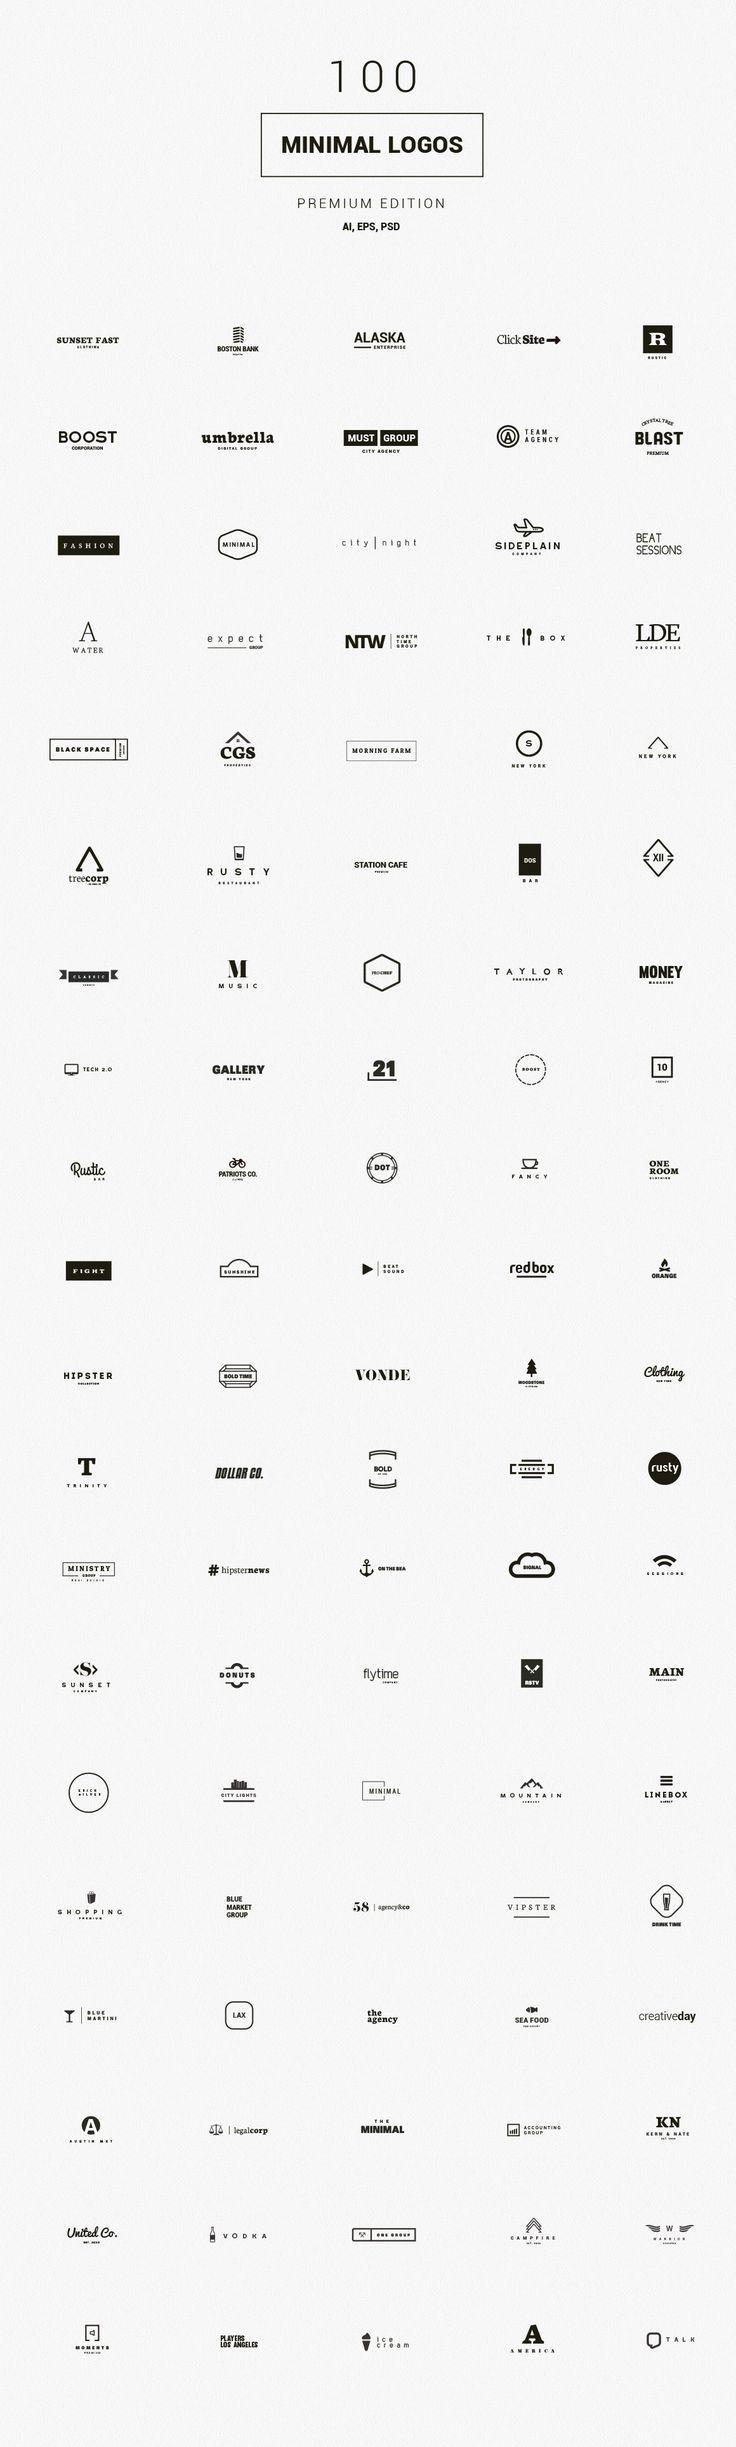 100 Minimal Logos - Premium Kit by DesignDistrict on /creativemarket/